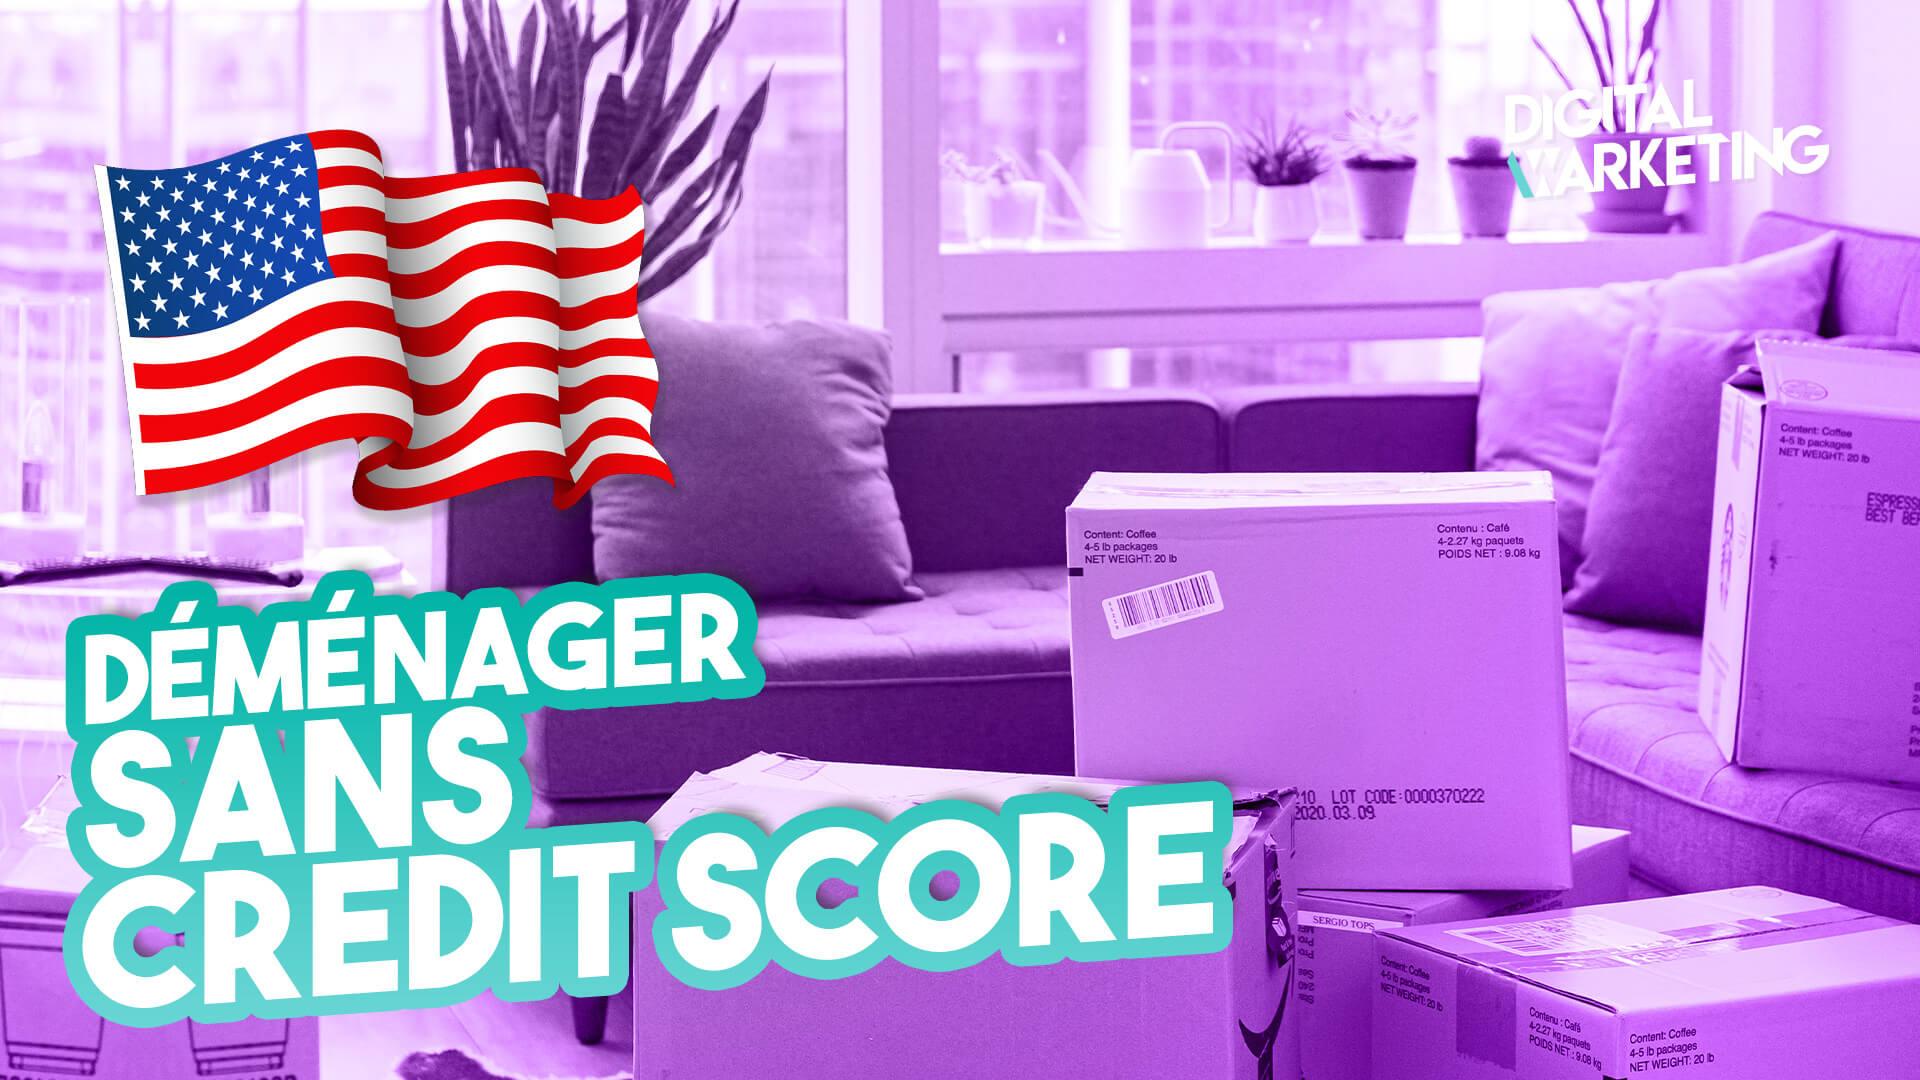 Déménager aux Etats-Unis sans credit score